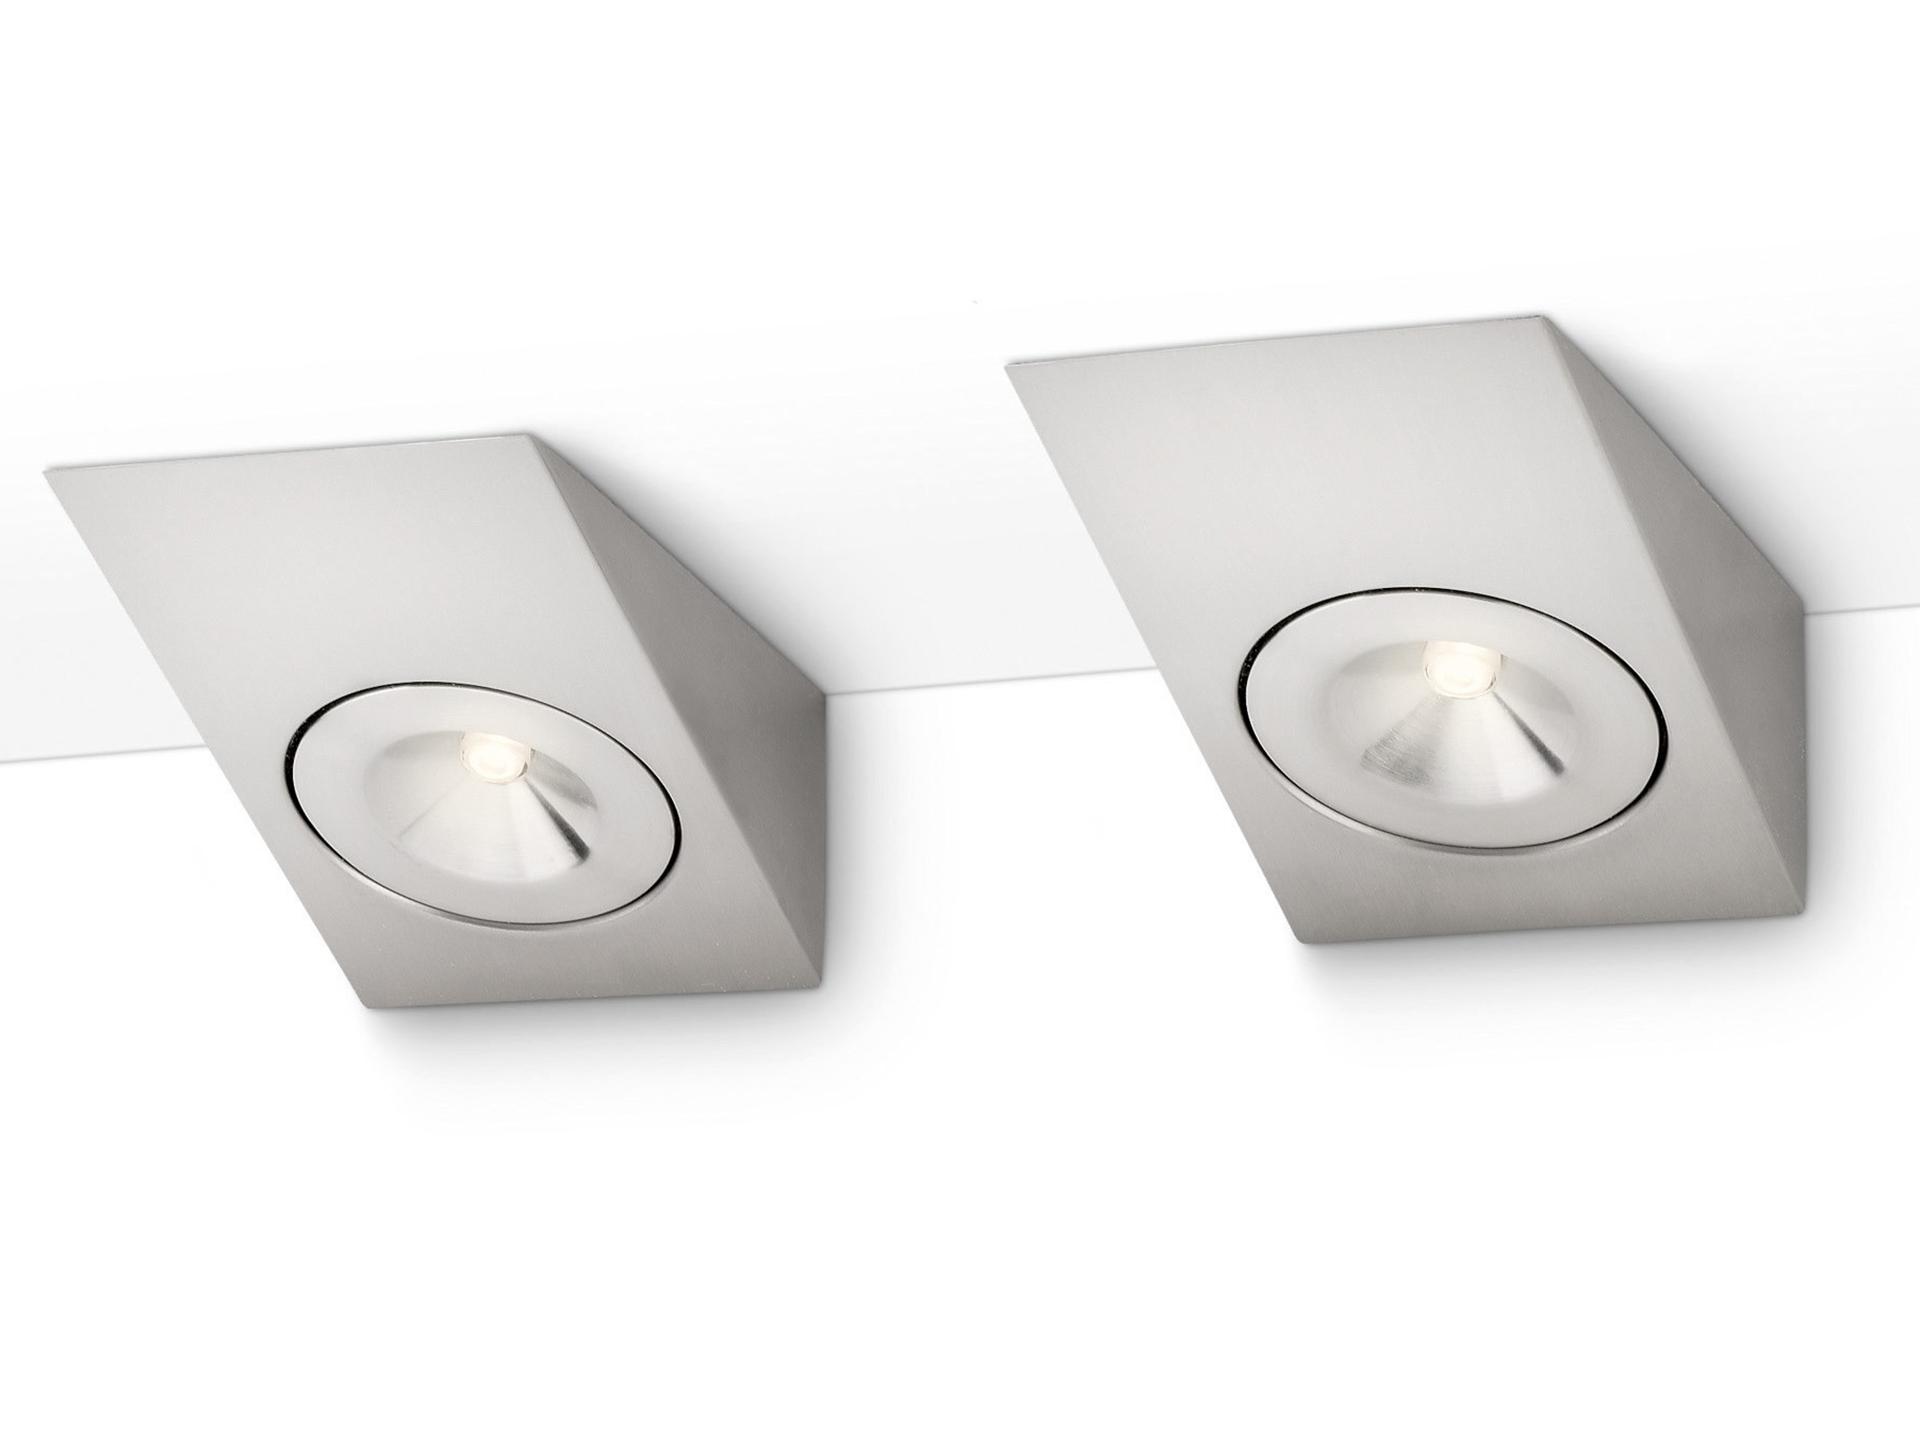 Philips Onderverlichting keukenkast Devine LED 2x2,5W chrome mat | Hubo